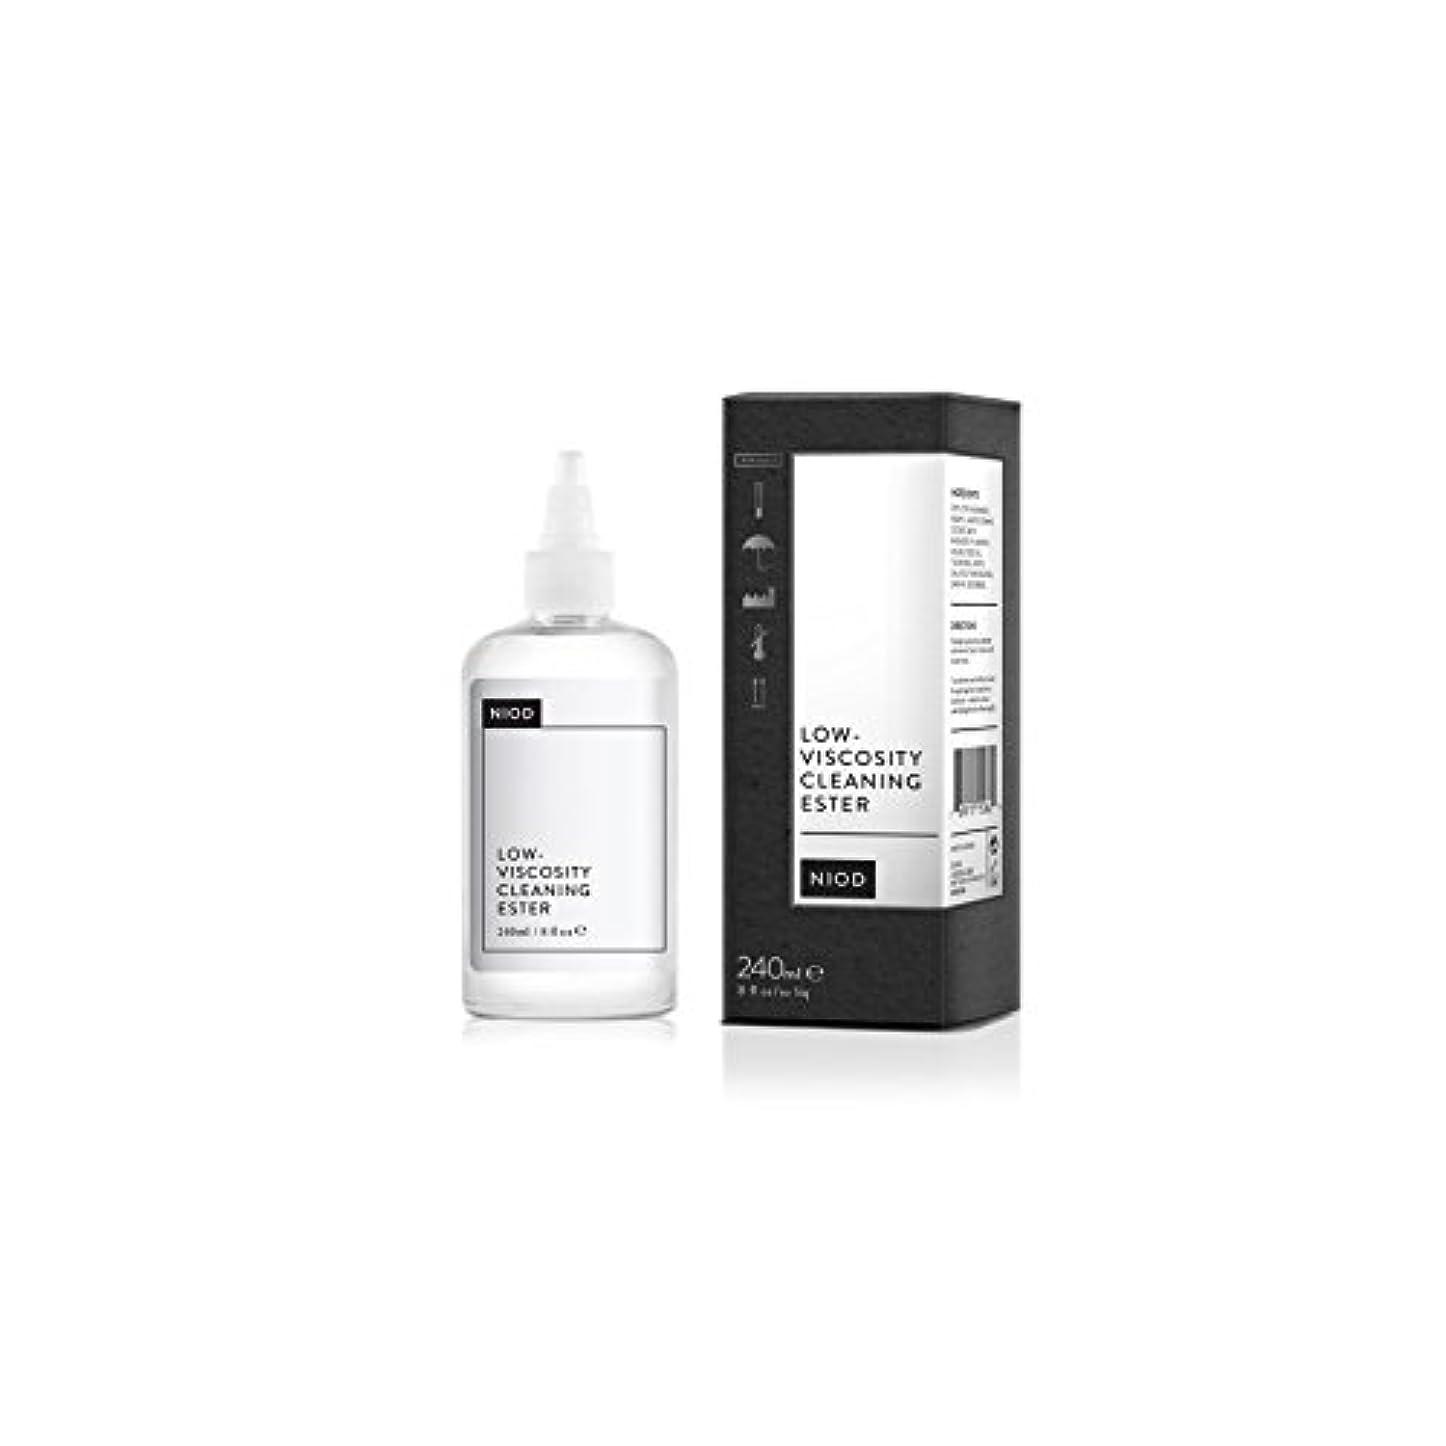 遠え一般的に災害低粘度のクリーニングエステル(240ミリリットル) x4 - Niod Low-Viscosity Cleaning Ester (240ml) (Pack of 4) [並行輸入品]